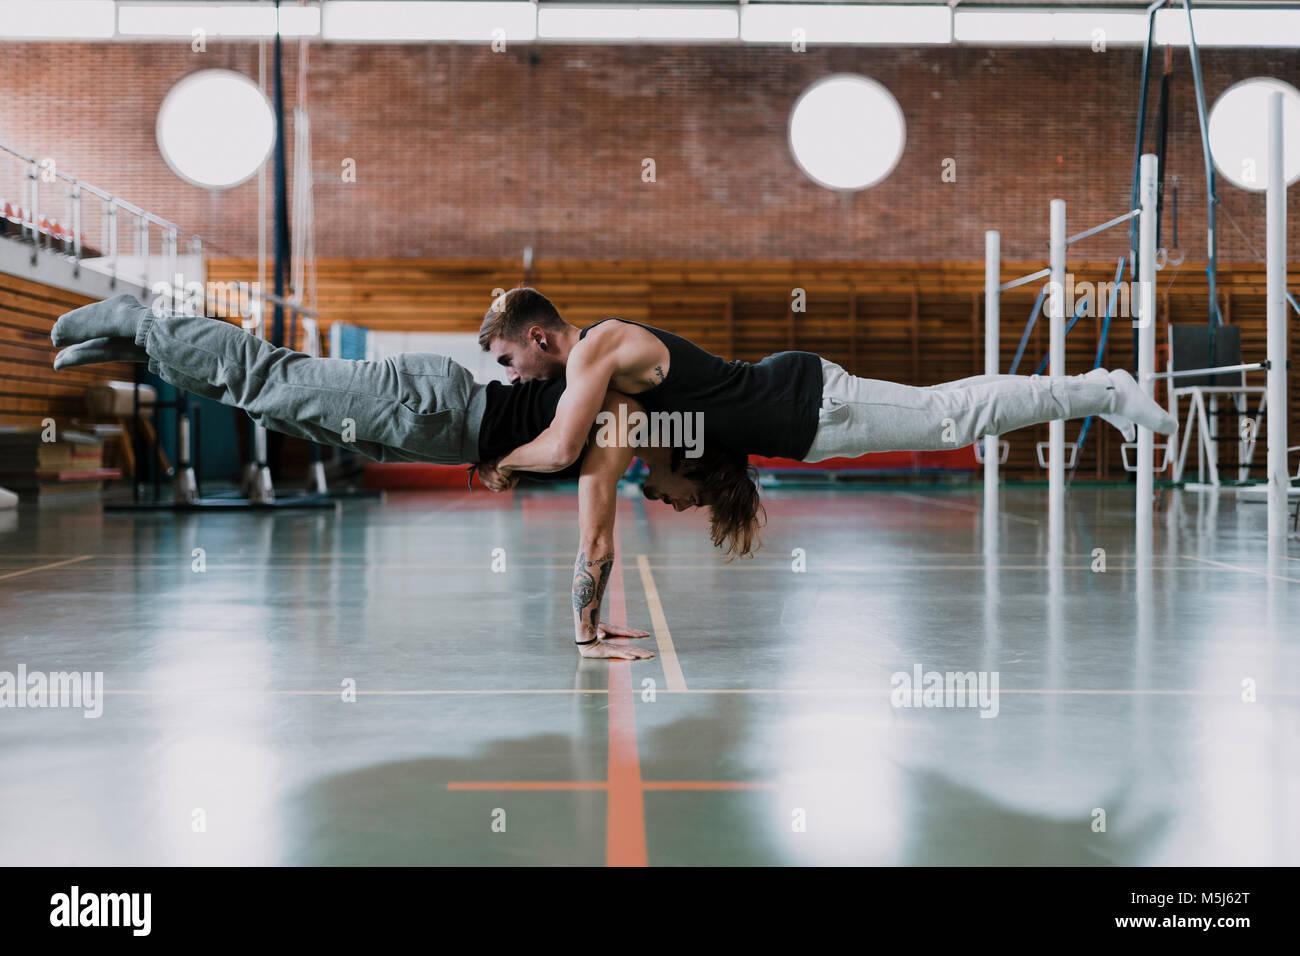 Zwei Männer tun Akrobatik in der Turnhalle Stockbild